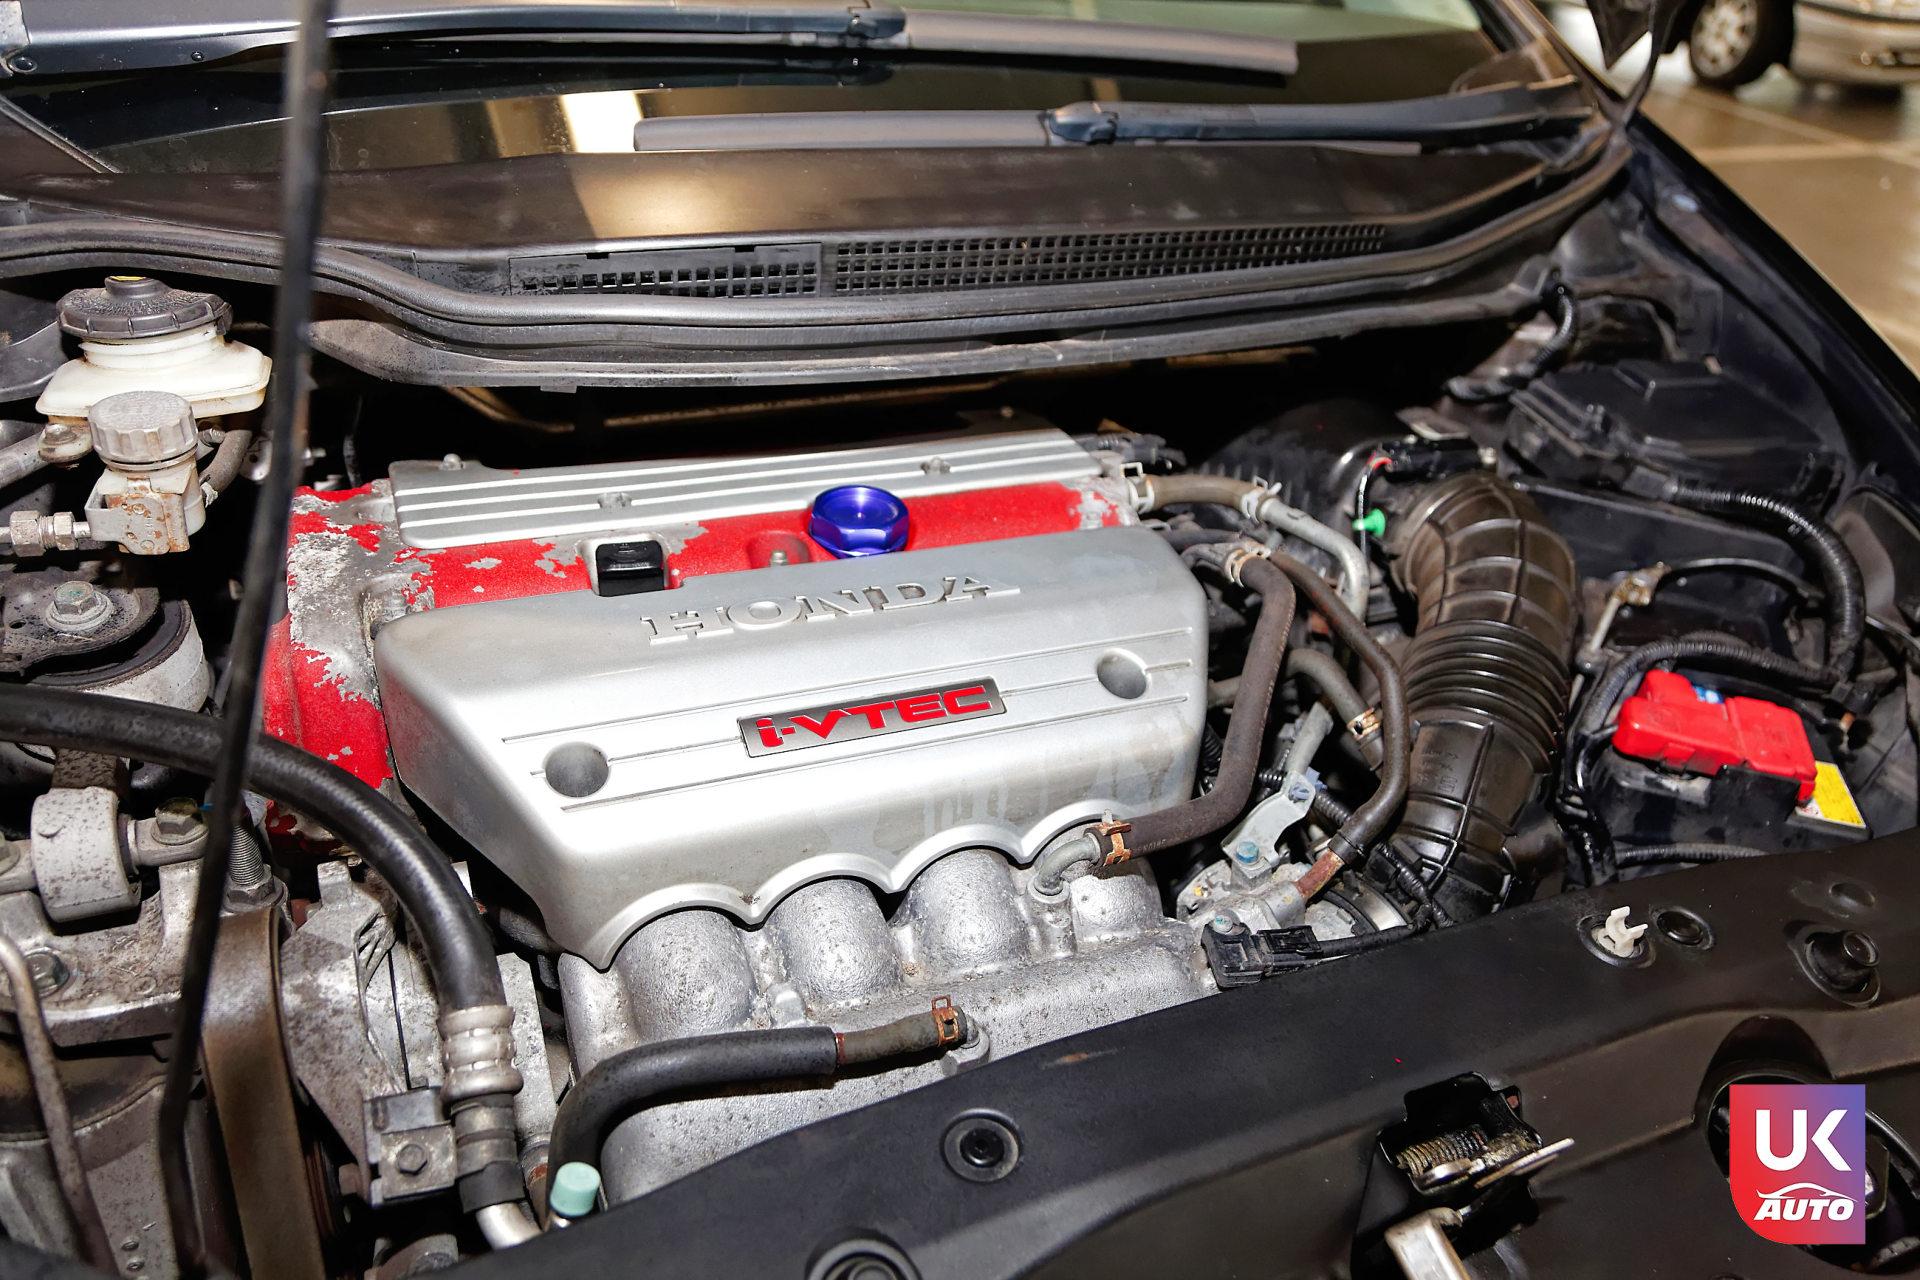 Honda Civic Type R FN2 rhd pack gt nissan uk nissan angleterre nissan royaume uni ukauto14 DxO - ACHAT AUTO HONDA CIVIC TYPE R FN2 POUR FREDERIC ACHAT AVANT LE BREXIT PAR NOTRE CLIENT